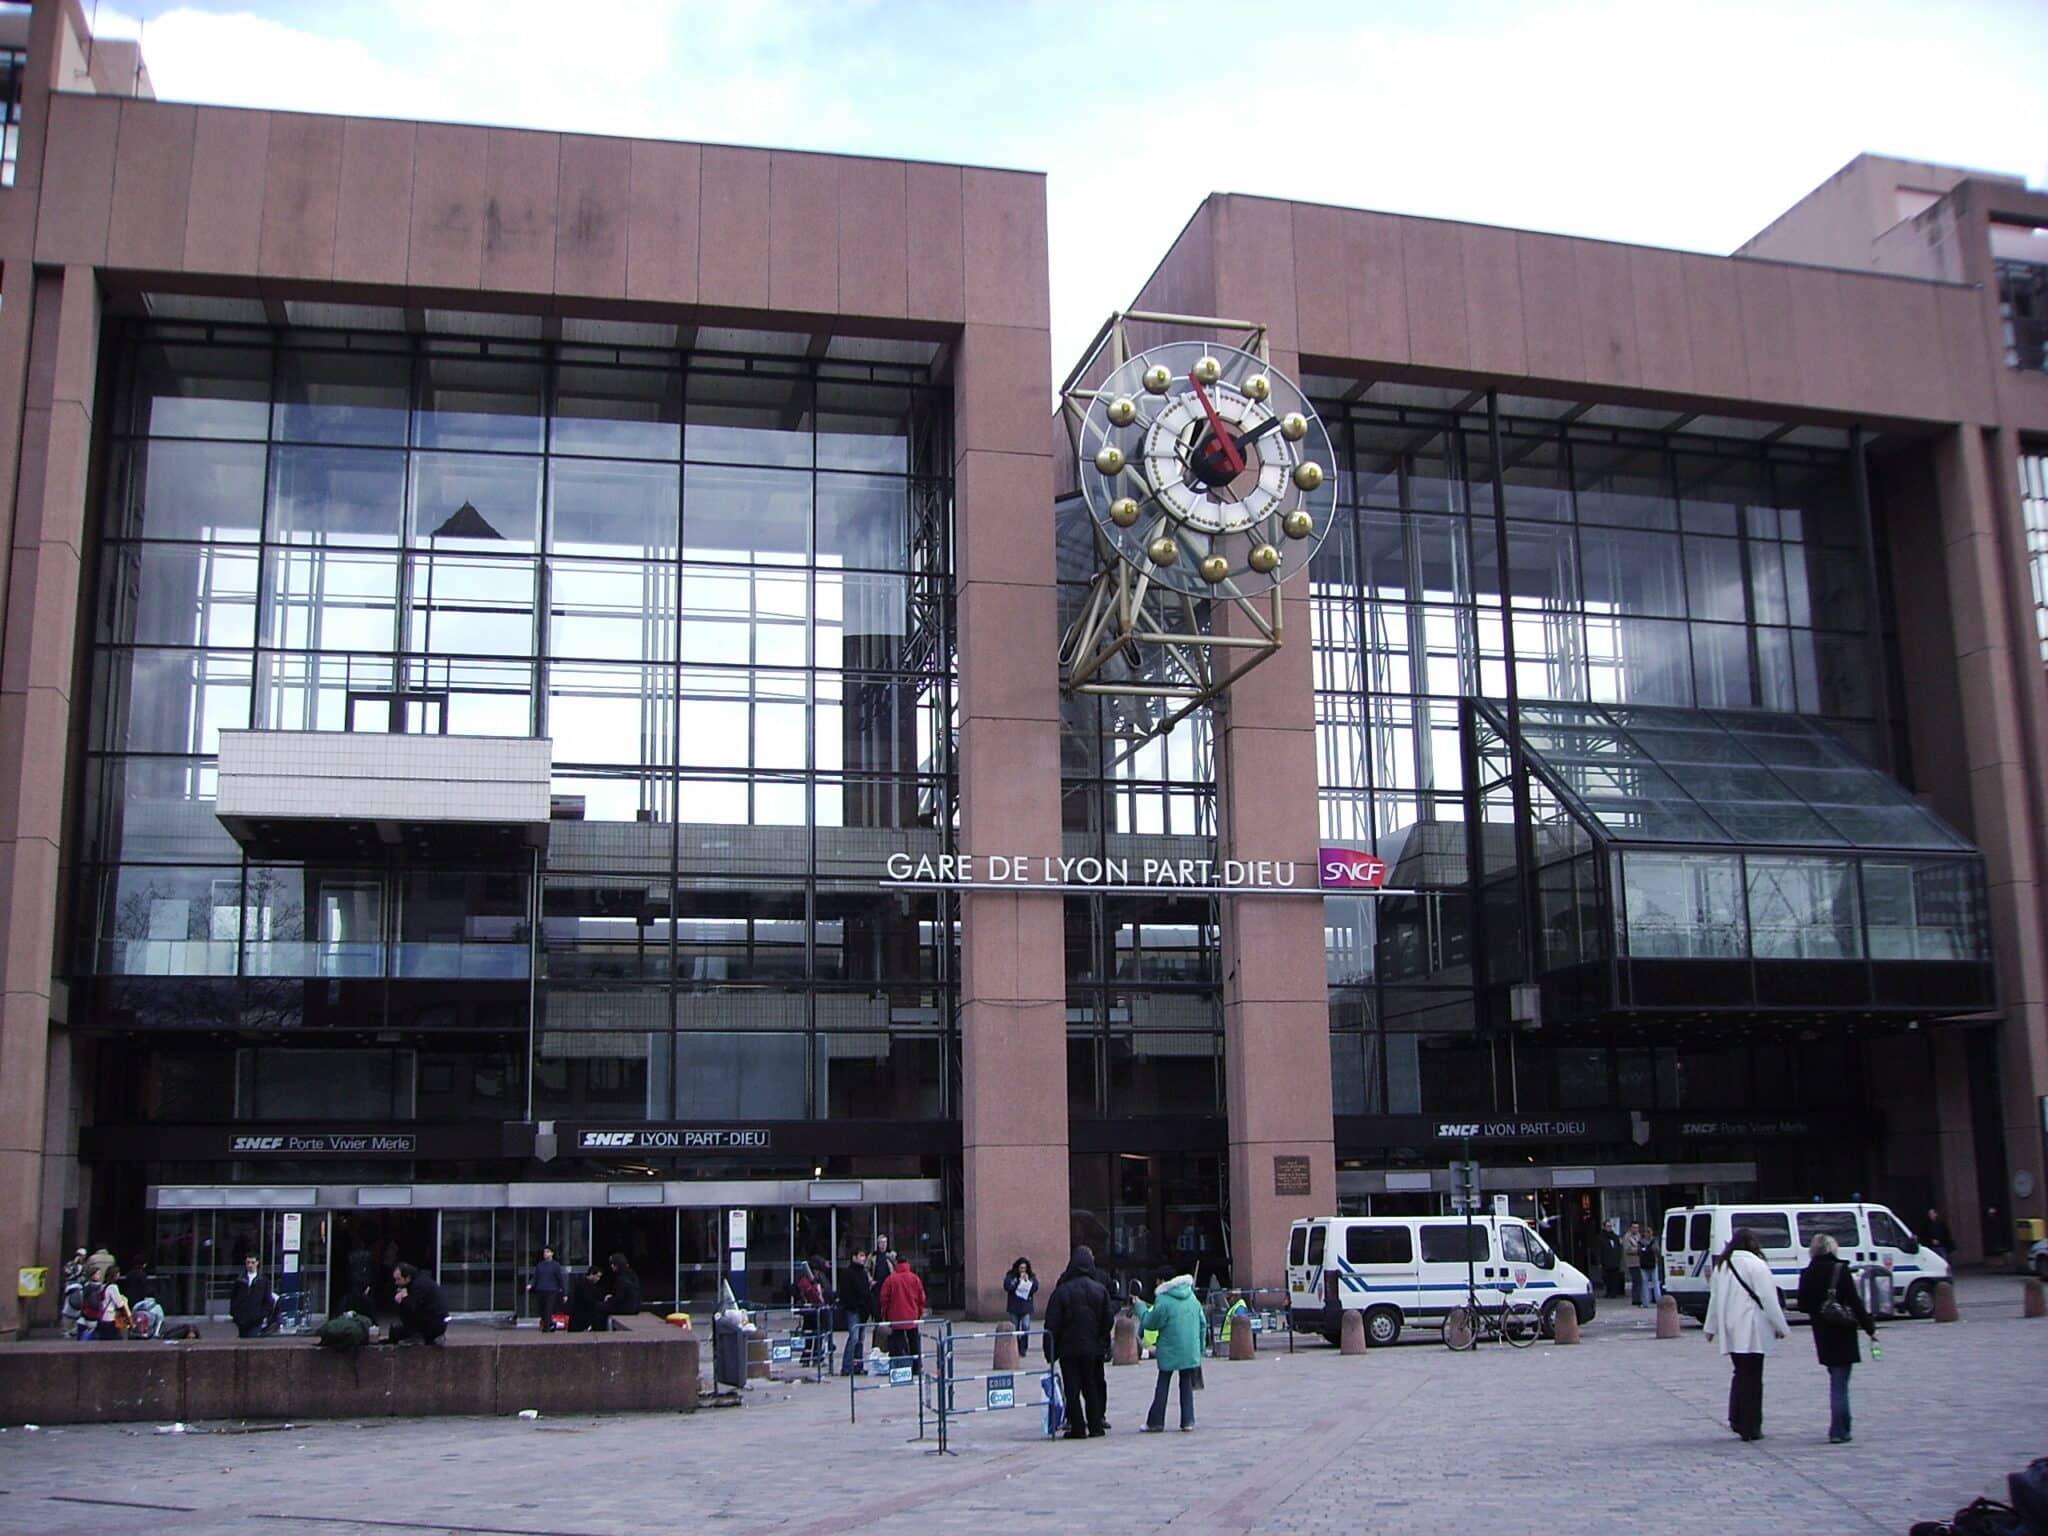 Allarme bomba stazione Lione: arrestata donna che minacciava farsi esplodere